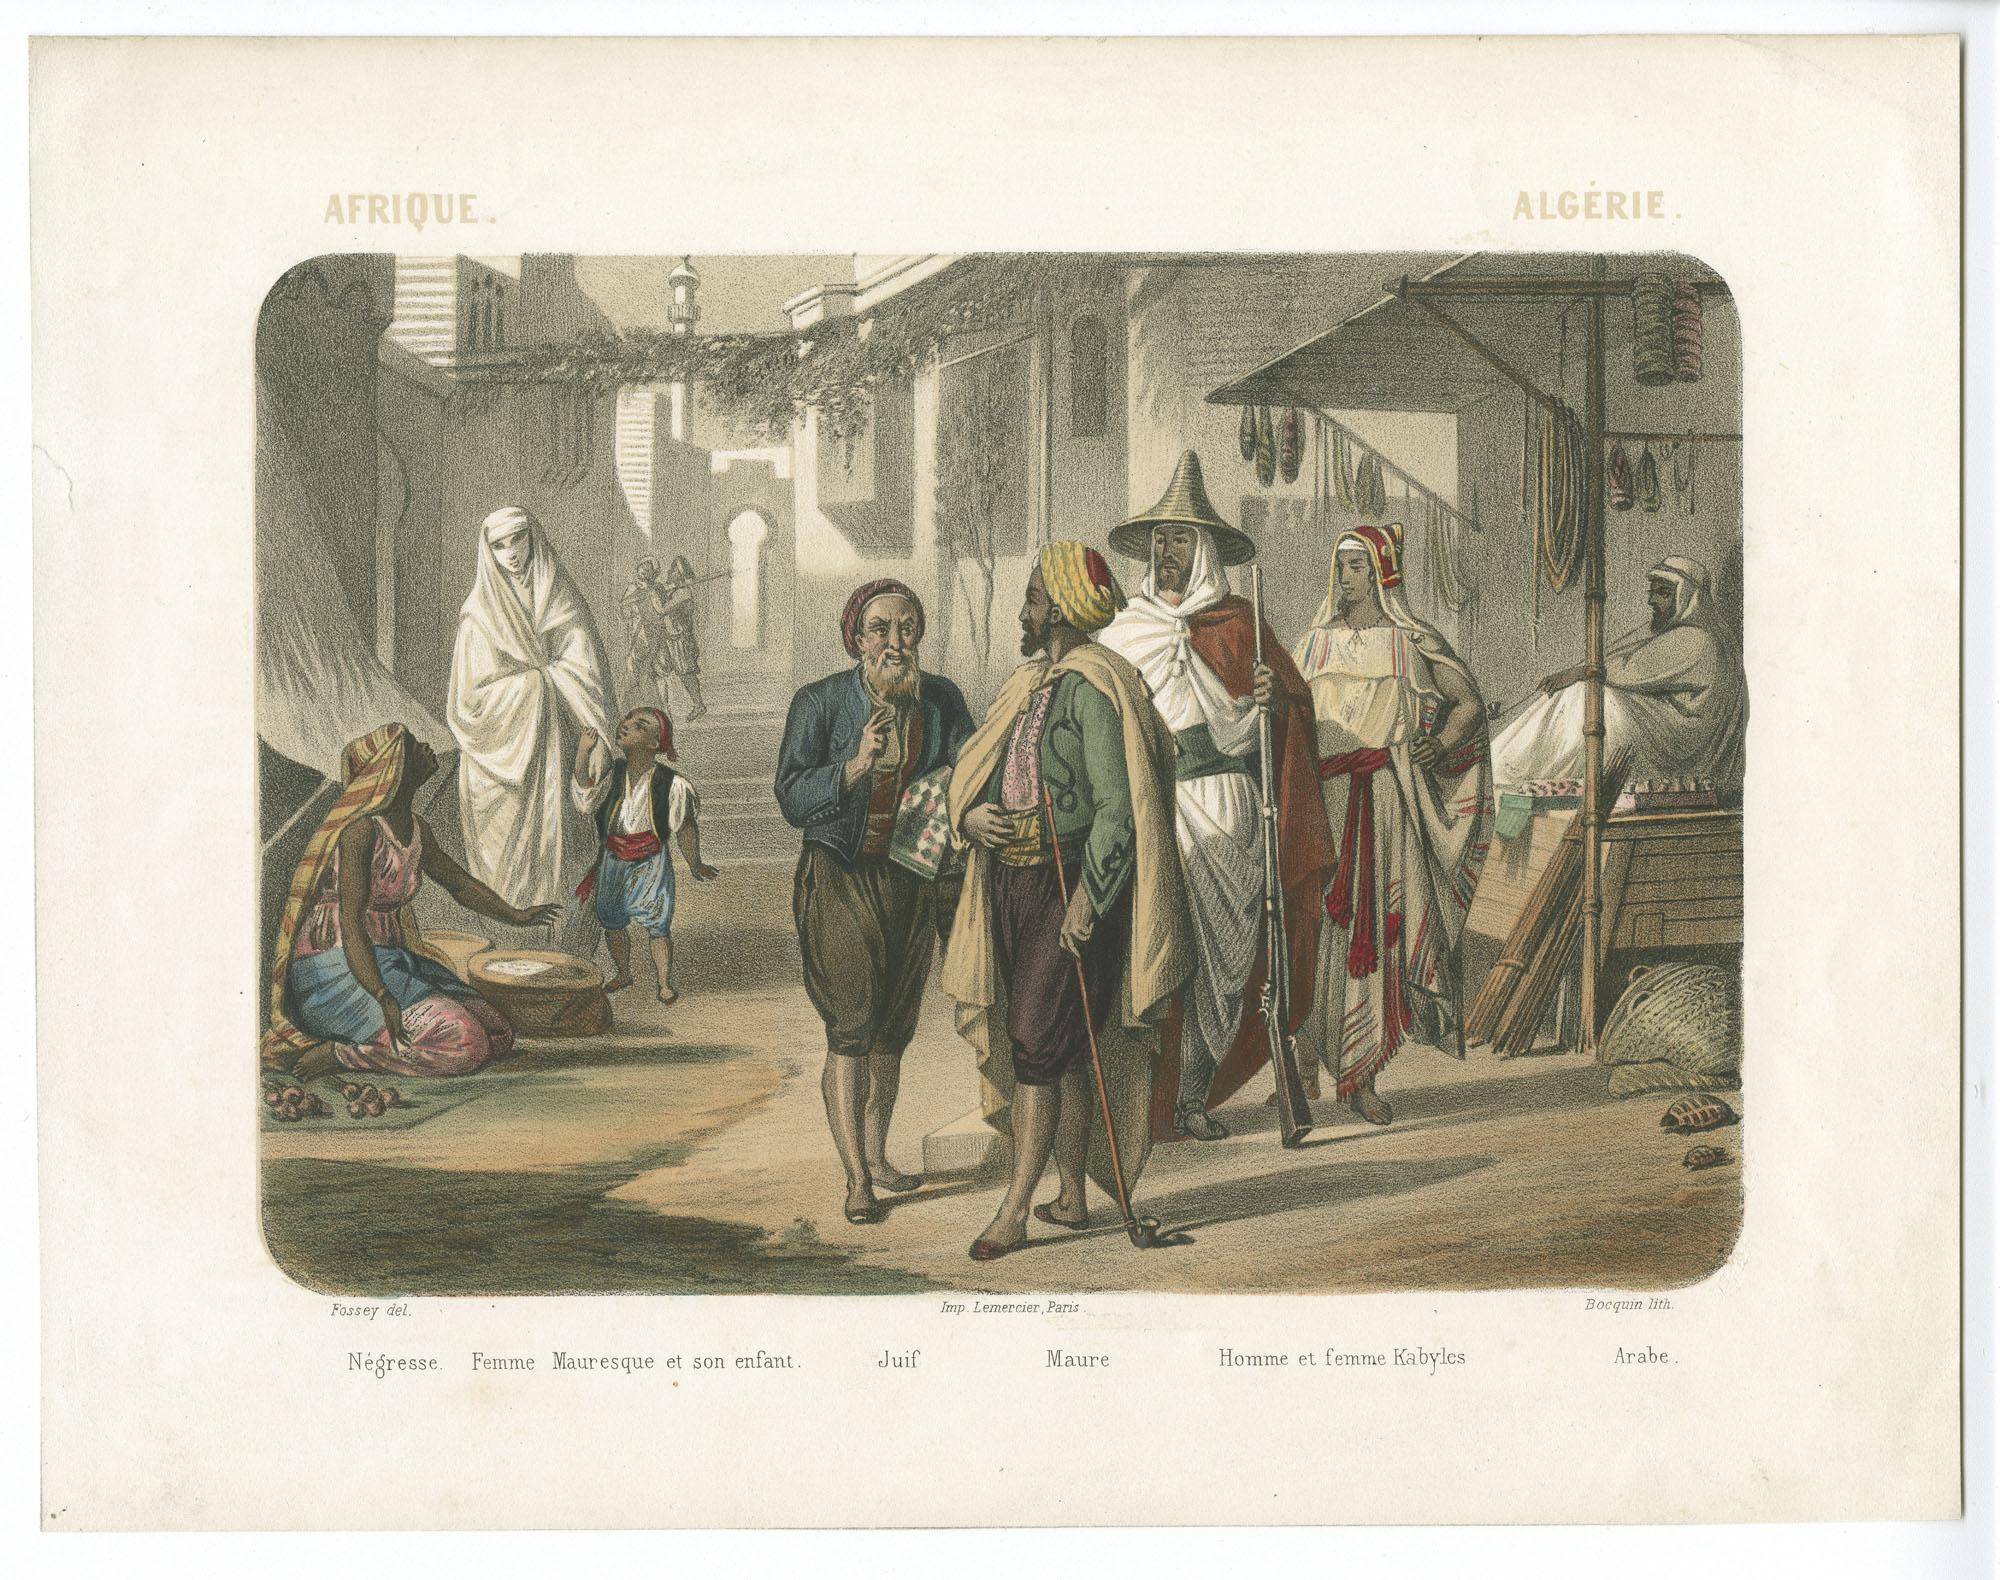 Afrique - Algérie. Nègres / Femme Mauresque et son enfant / Juif / Maure / Homme et femme Kabyles / Arabe.